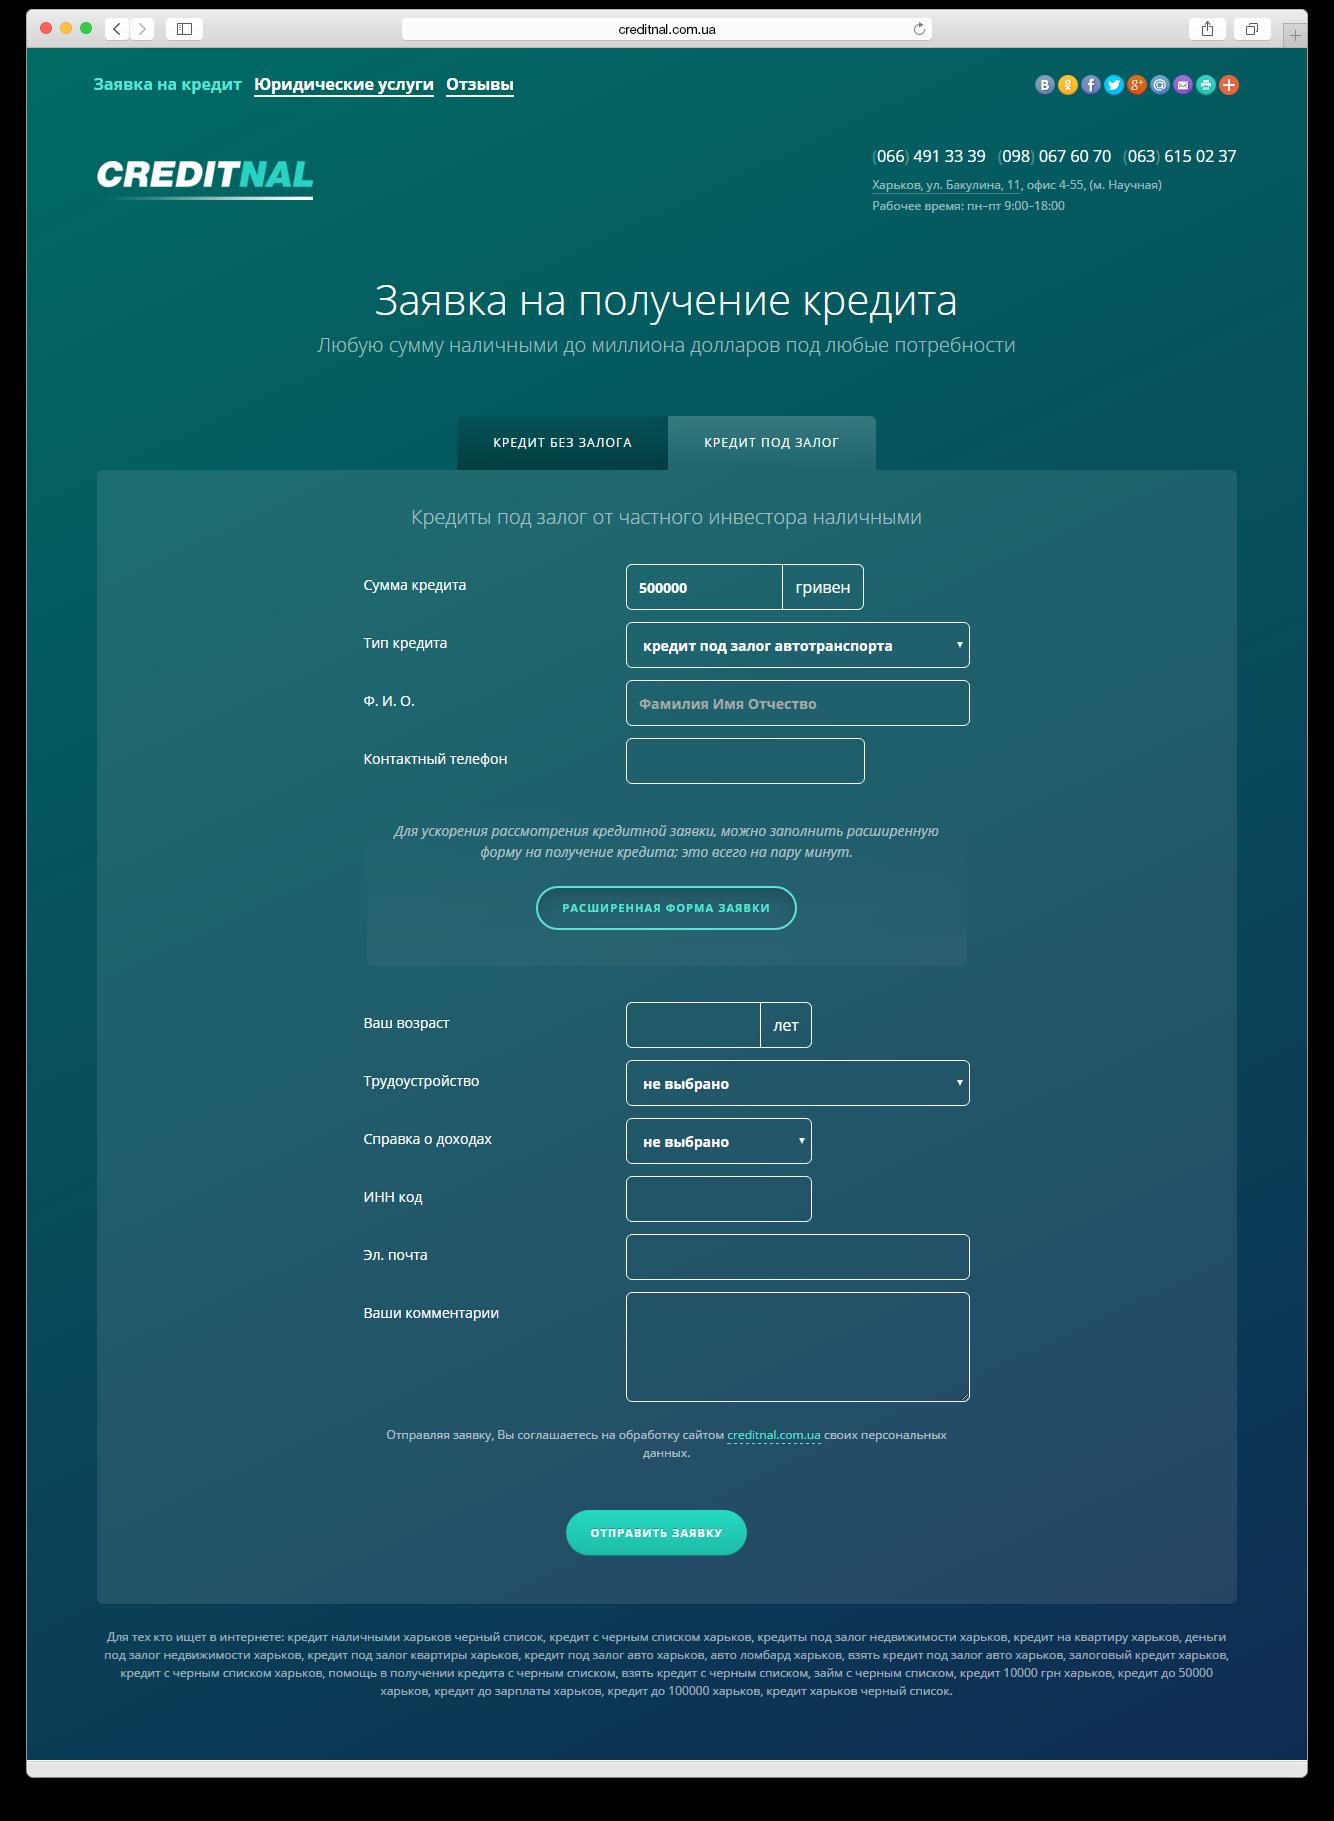 creditnal.com.ua (2 версия) — главная страница с расширенной формой заявки на кредит под залог